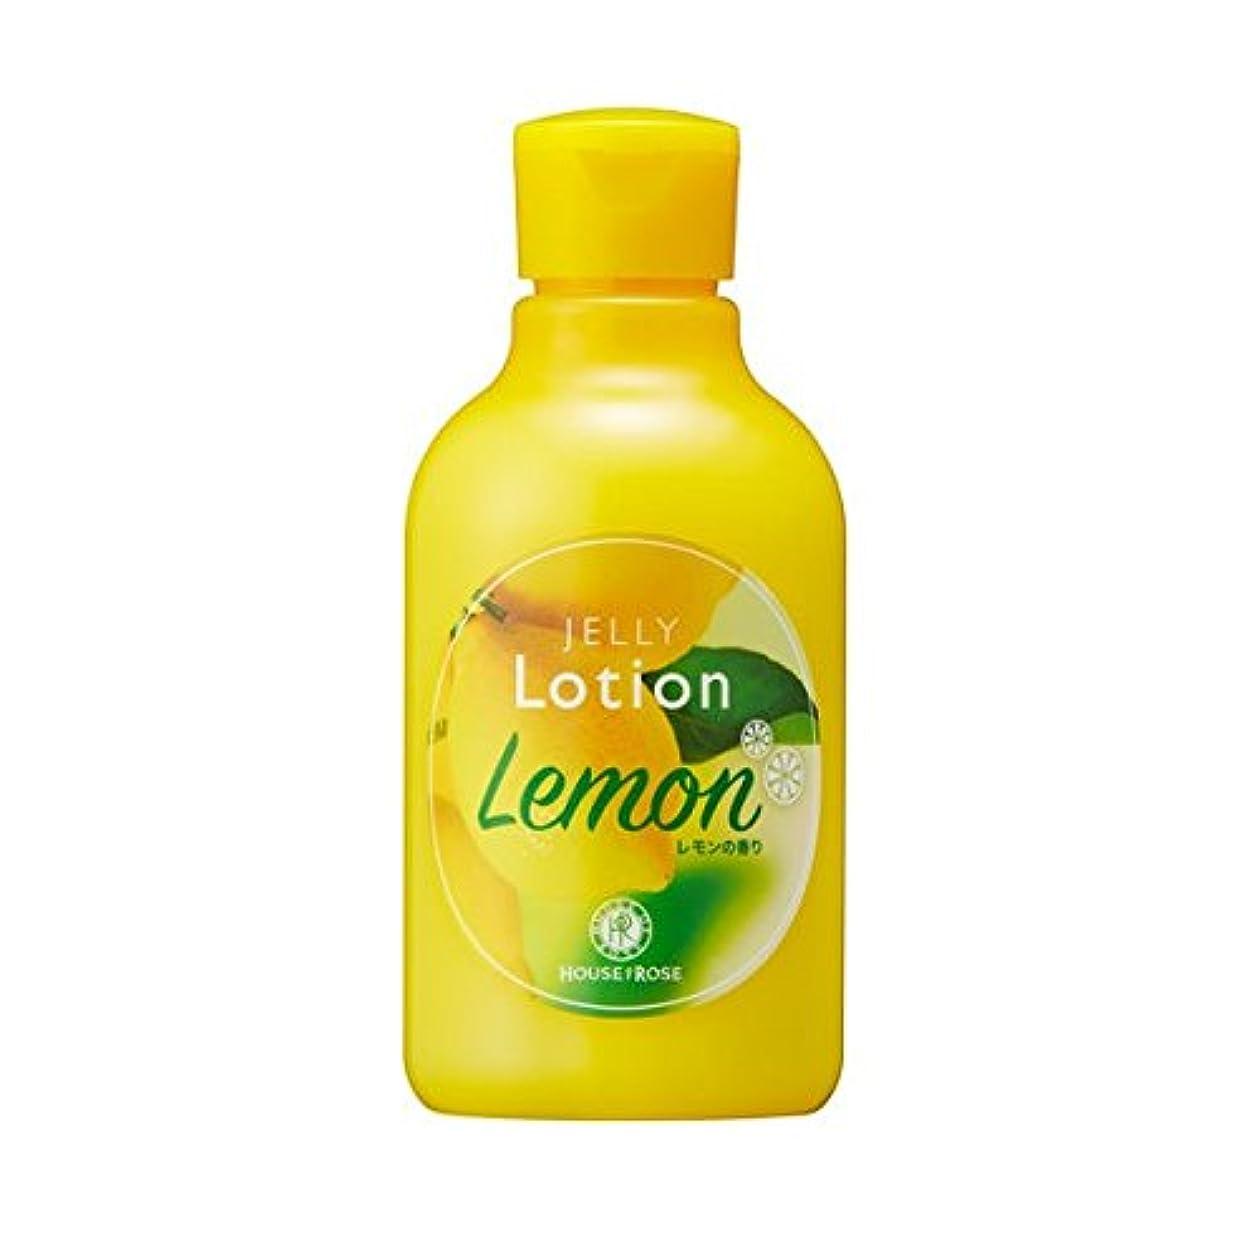 前任者鉄キャップHOUSE OF ROSE(ハウスオブローゼ) ハウスオブローゼ/ジェリーローション LM(レモンの香り)200mL